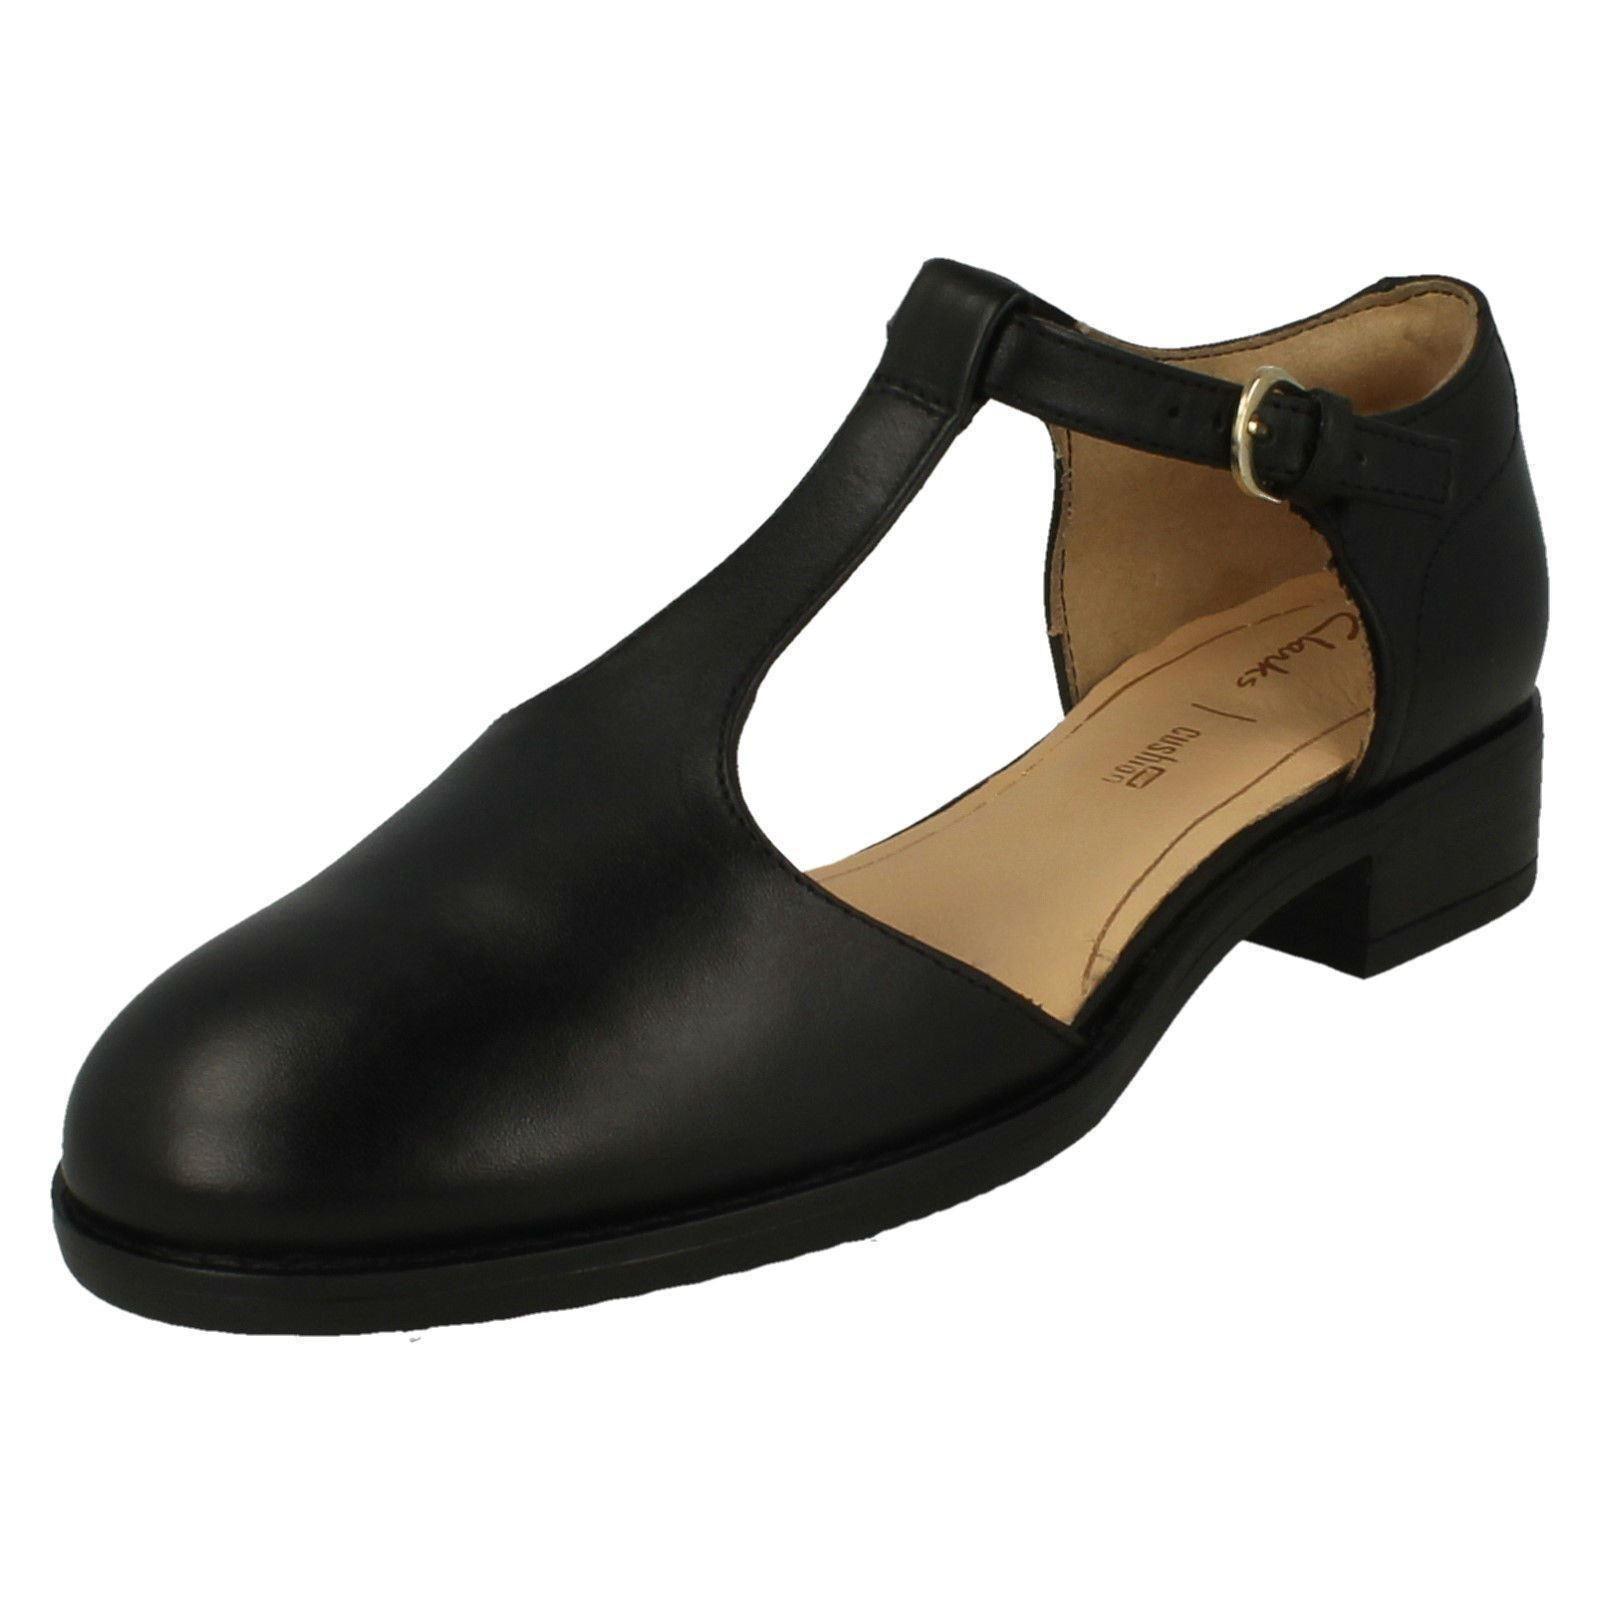 Clarks Comfort Halbschuhe Blau Schuhe Für Damen